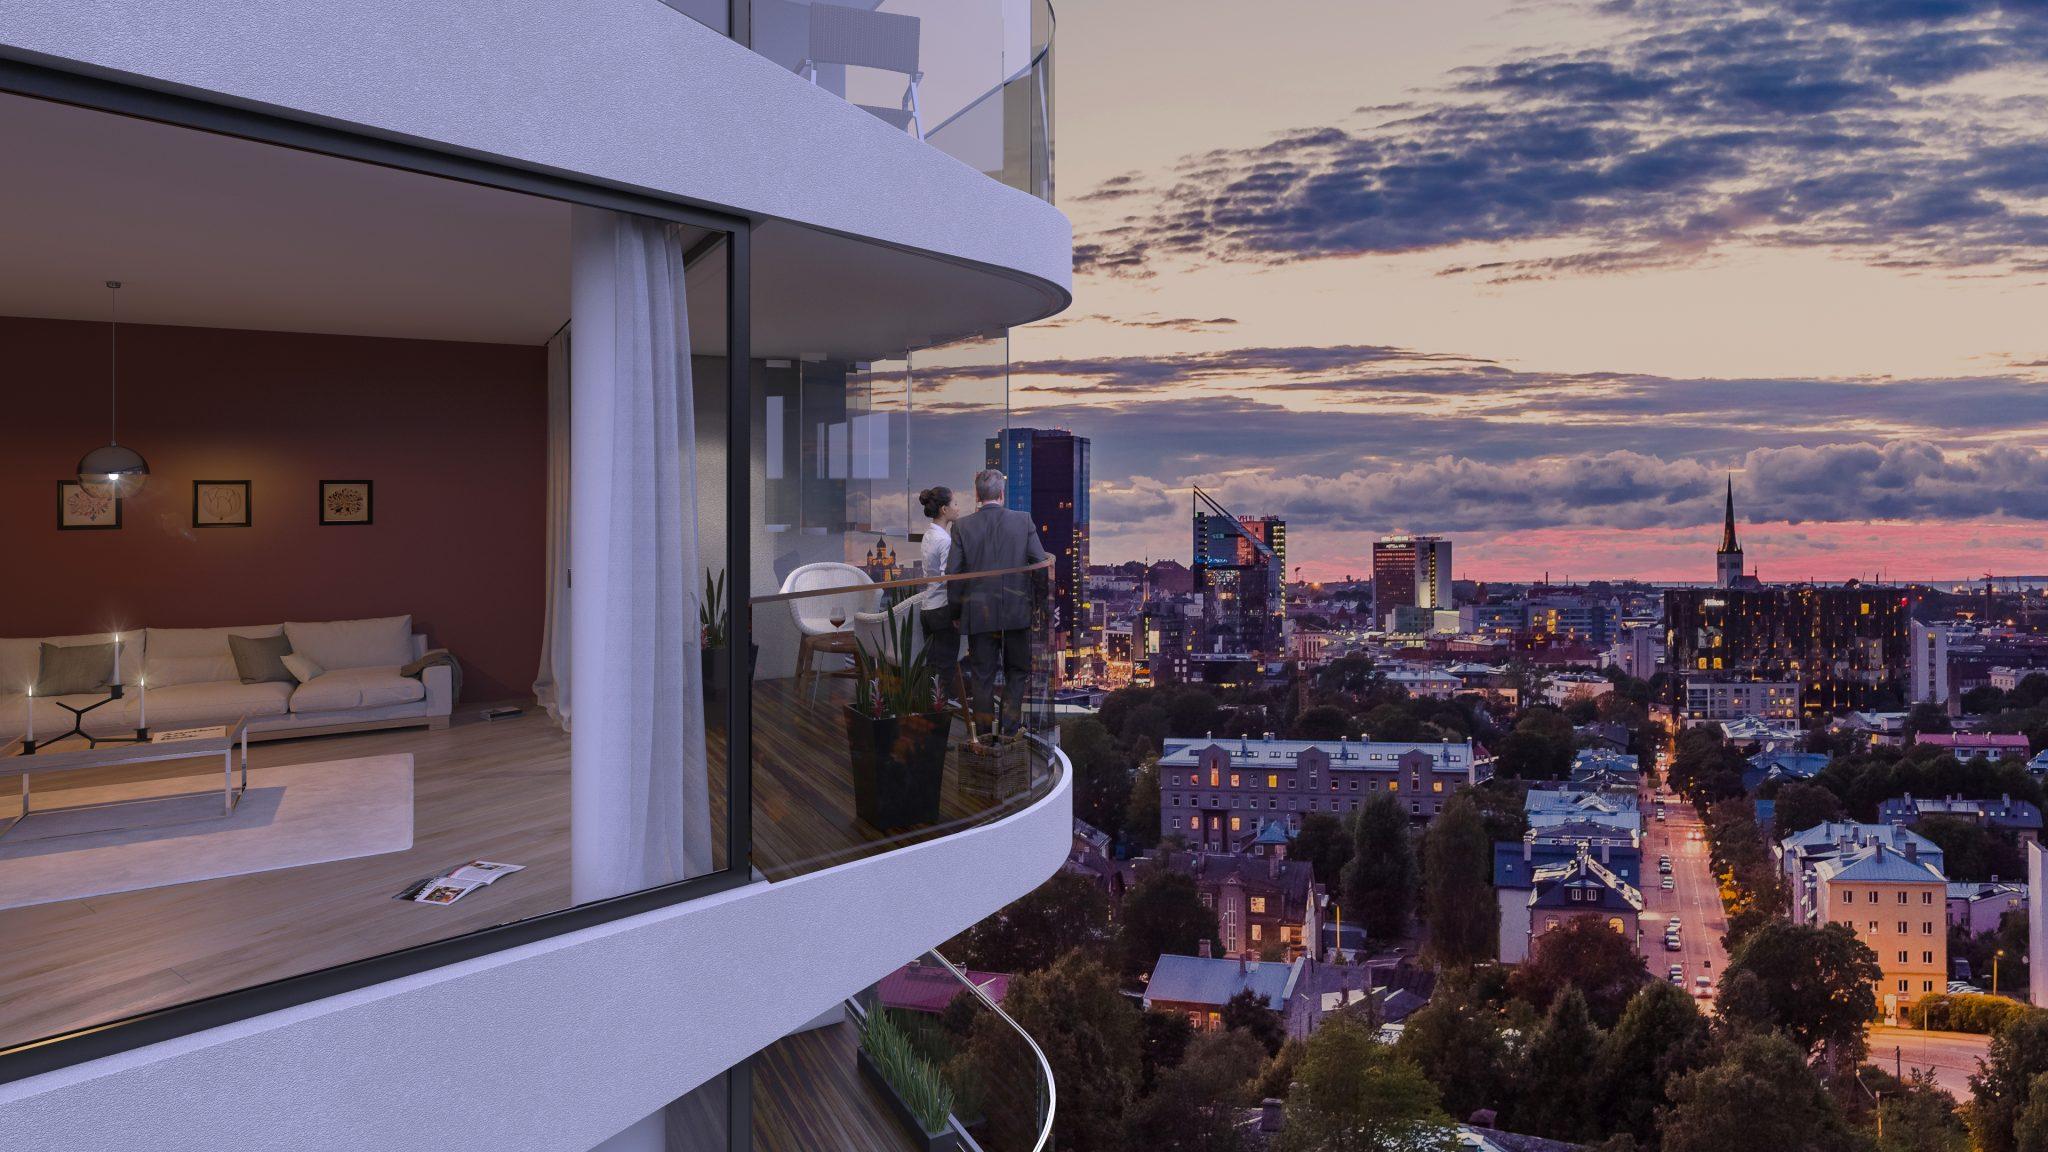 Urmas Sõõrumaa arendusfirma rajab Kadrioru veerde kolm tornelamut